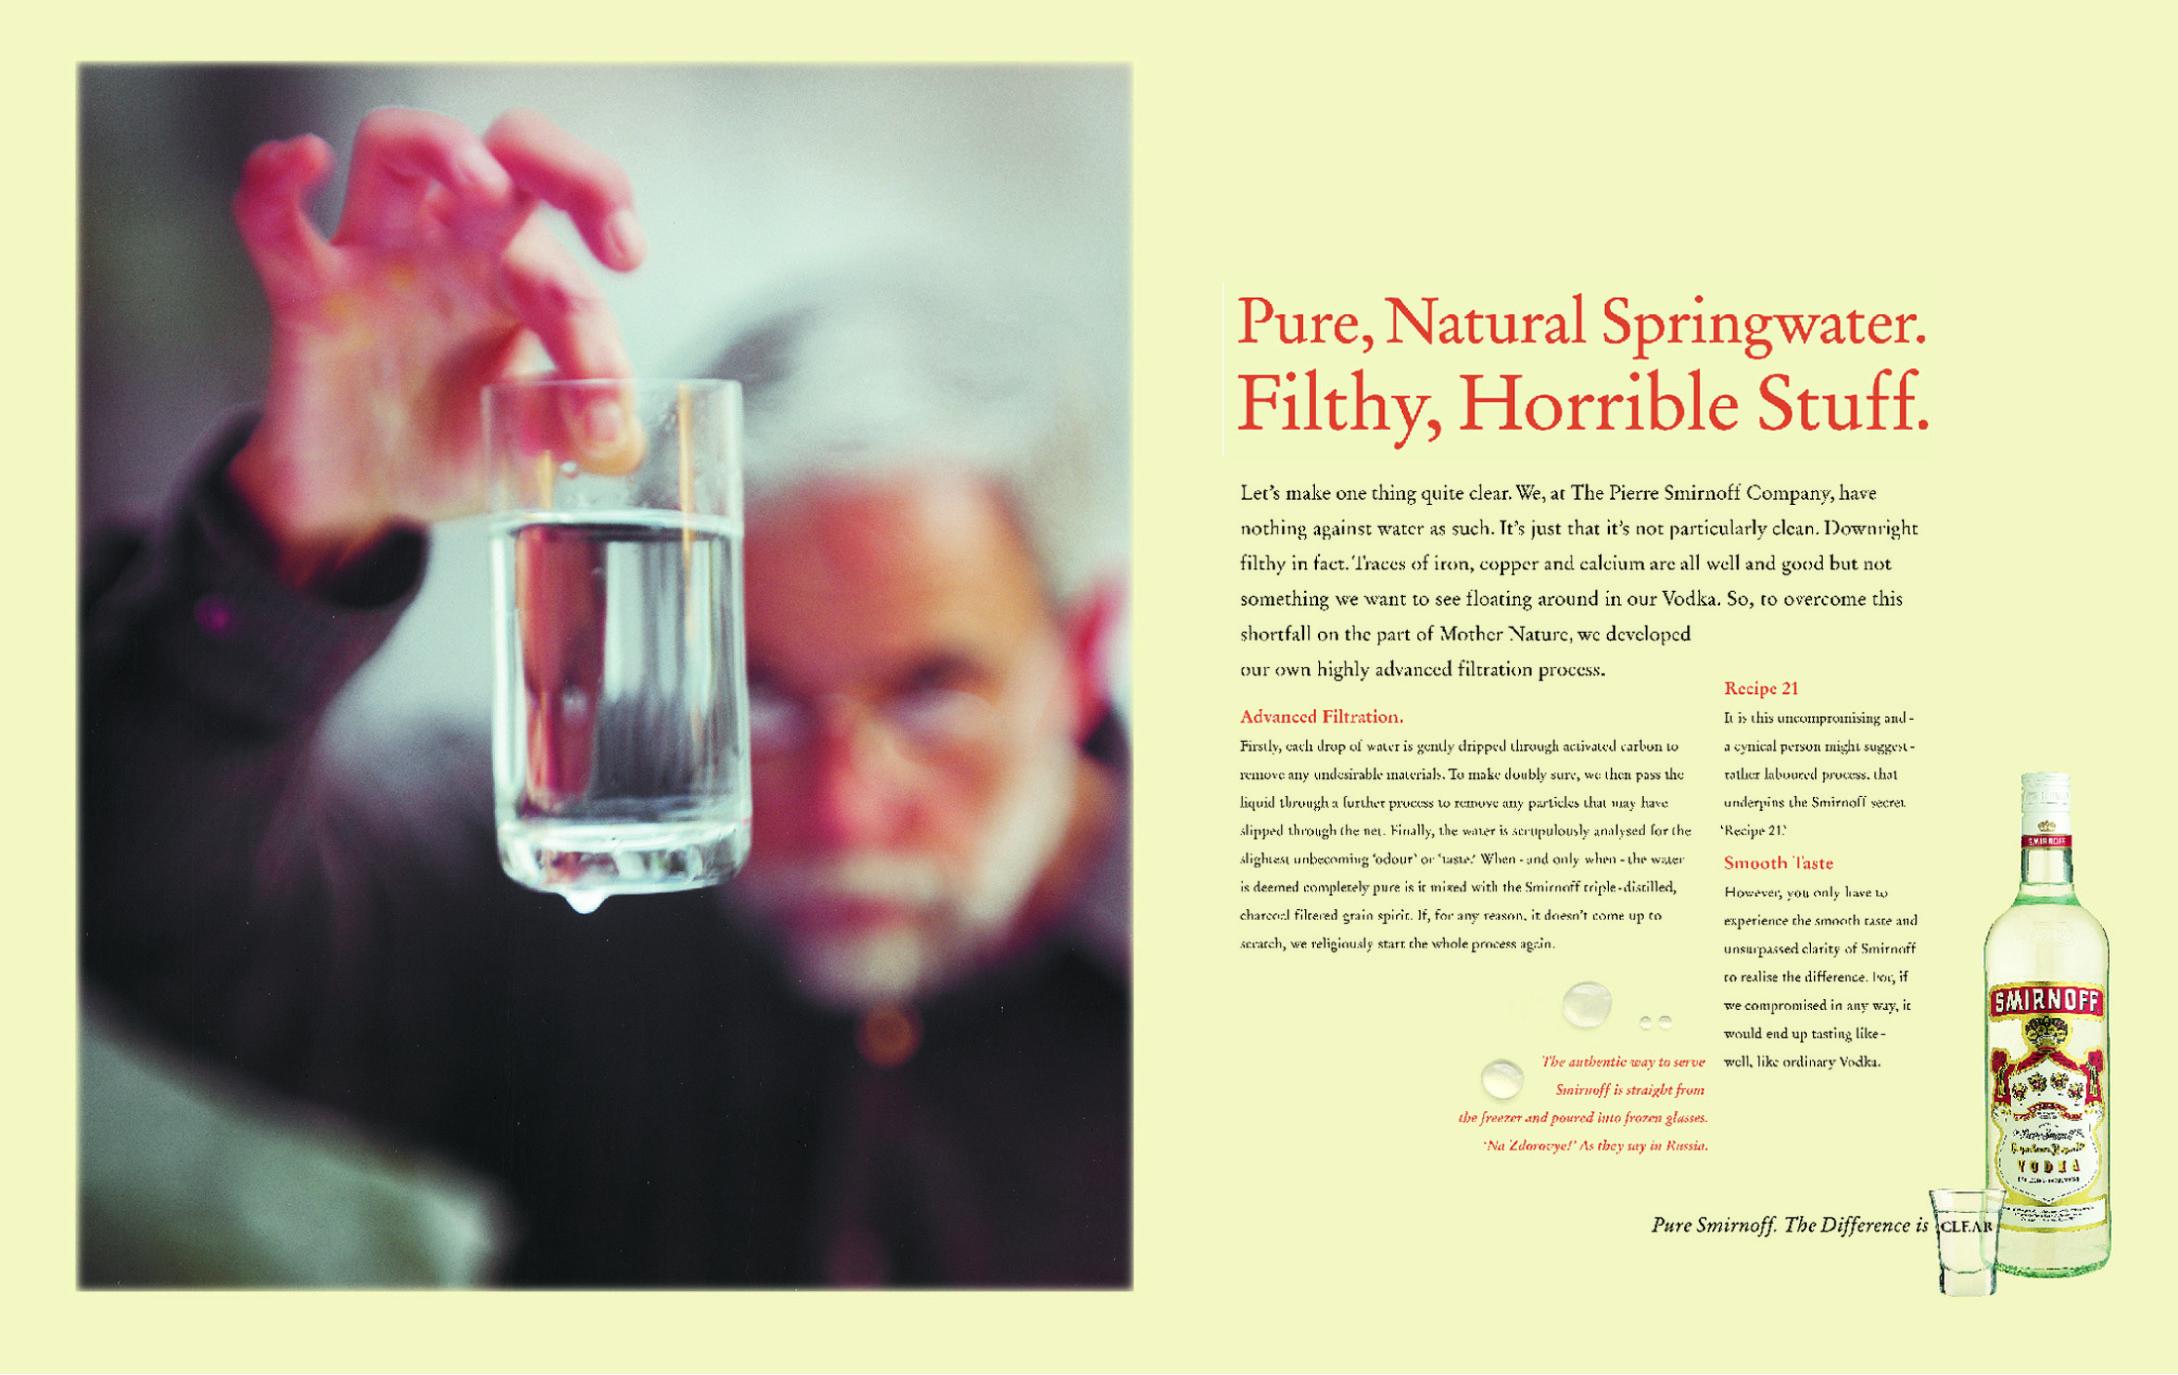 Smirnoff Springwater